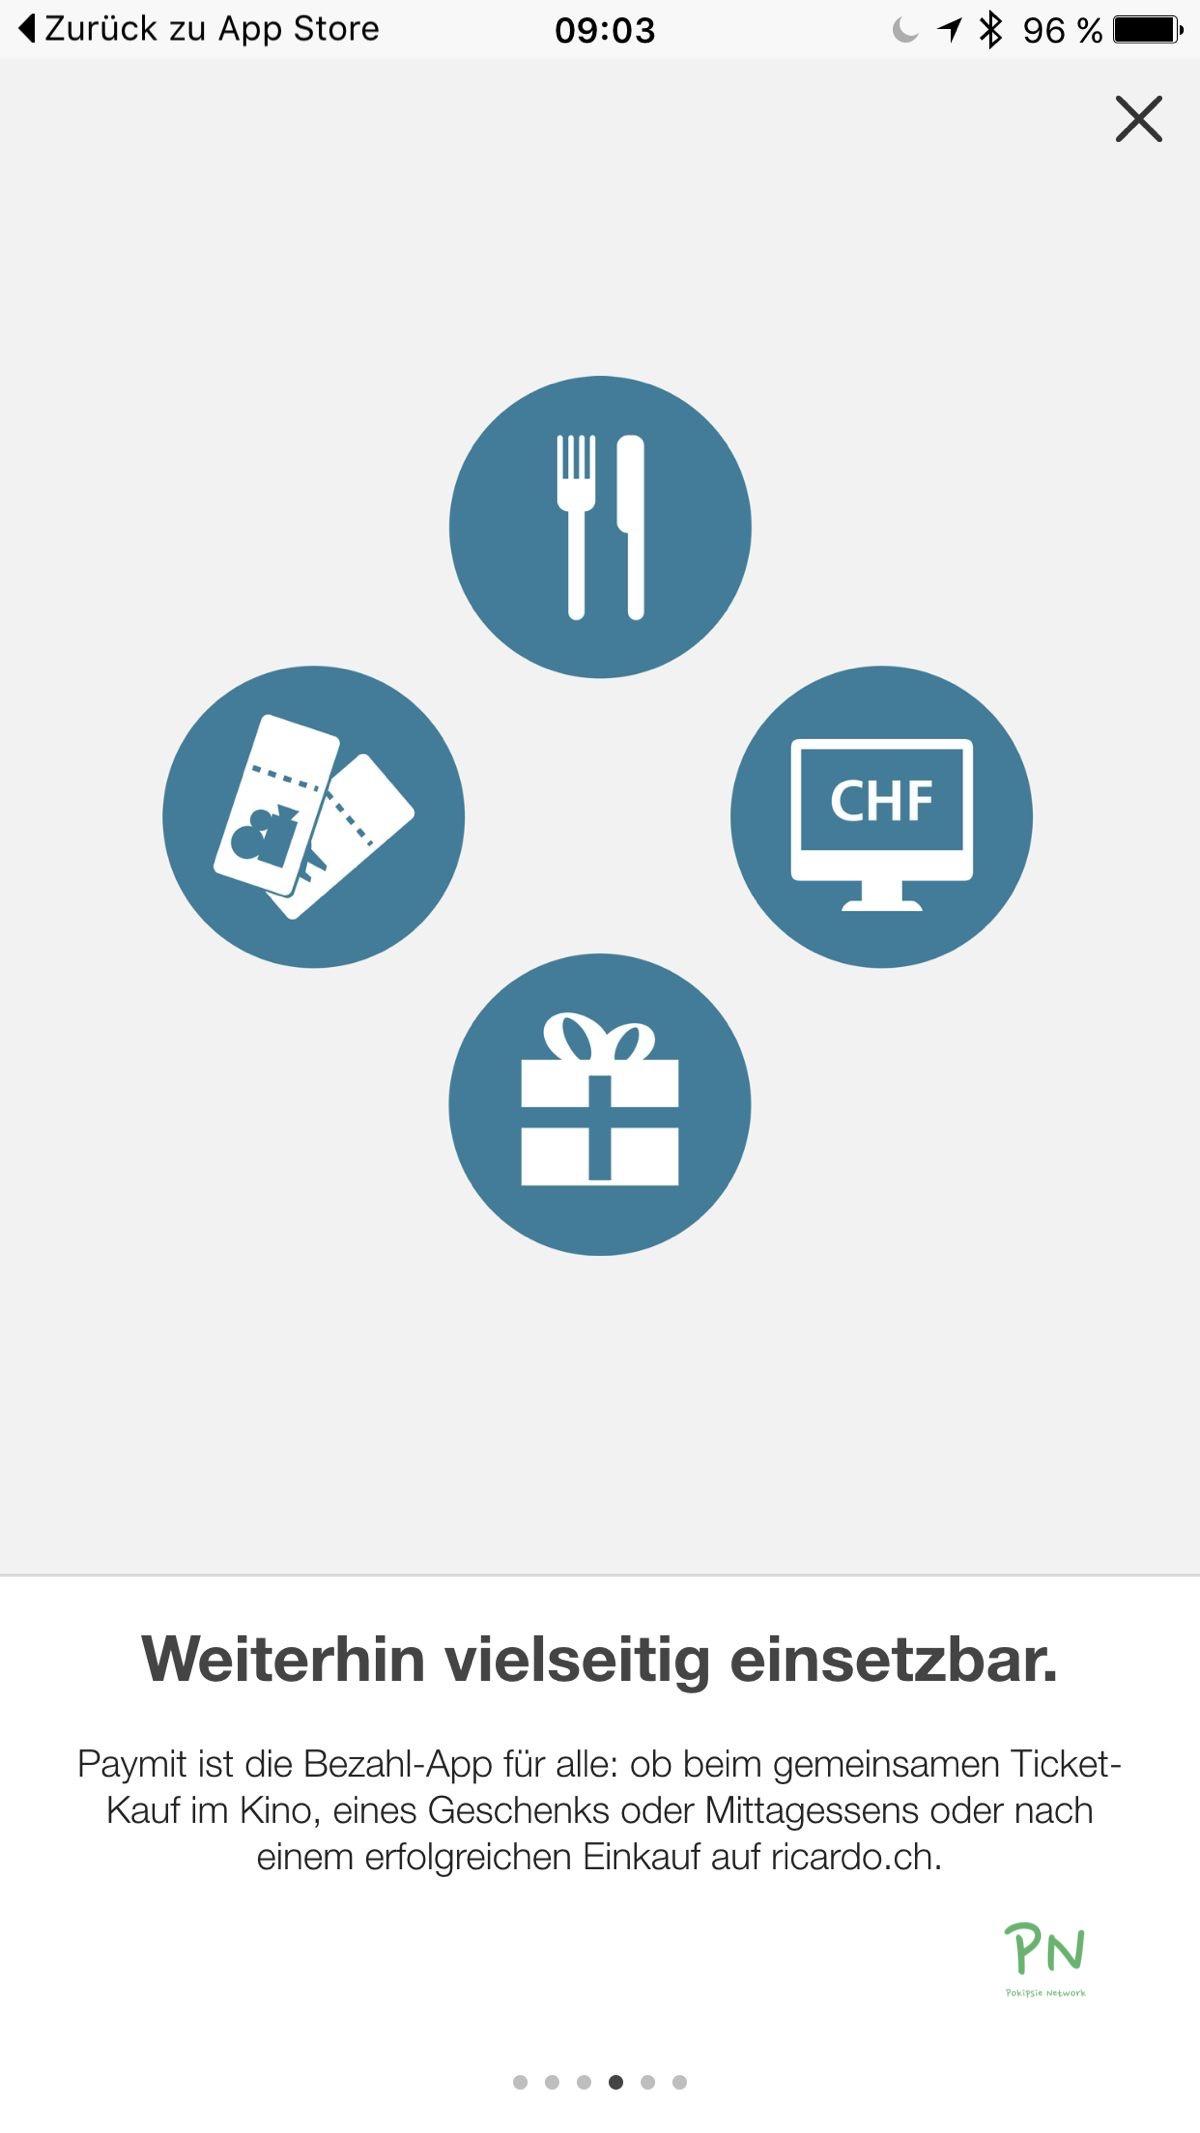 UBS Paymit - Update und neues Logo